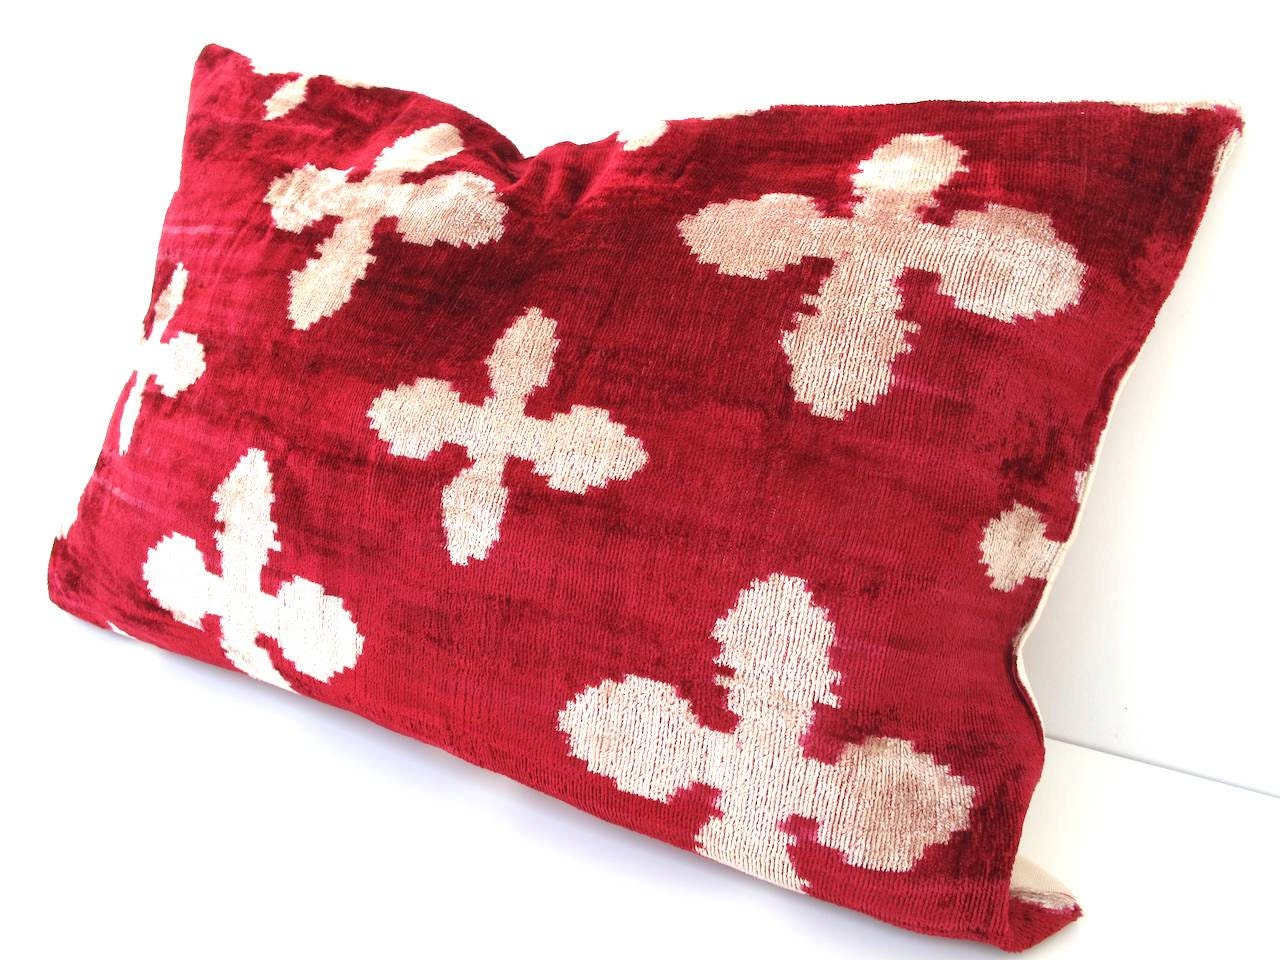 Decorative Turkish Ikat Throw Pillow Cover by DivanCushu : Handwoven VELVET IKAT Pillow, 16x24inch, Velvet Ikat Pillow, Dark Red, Beige